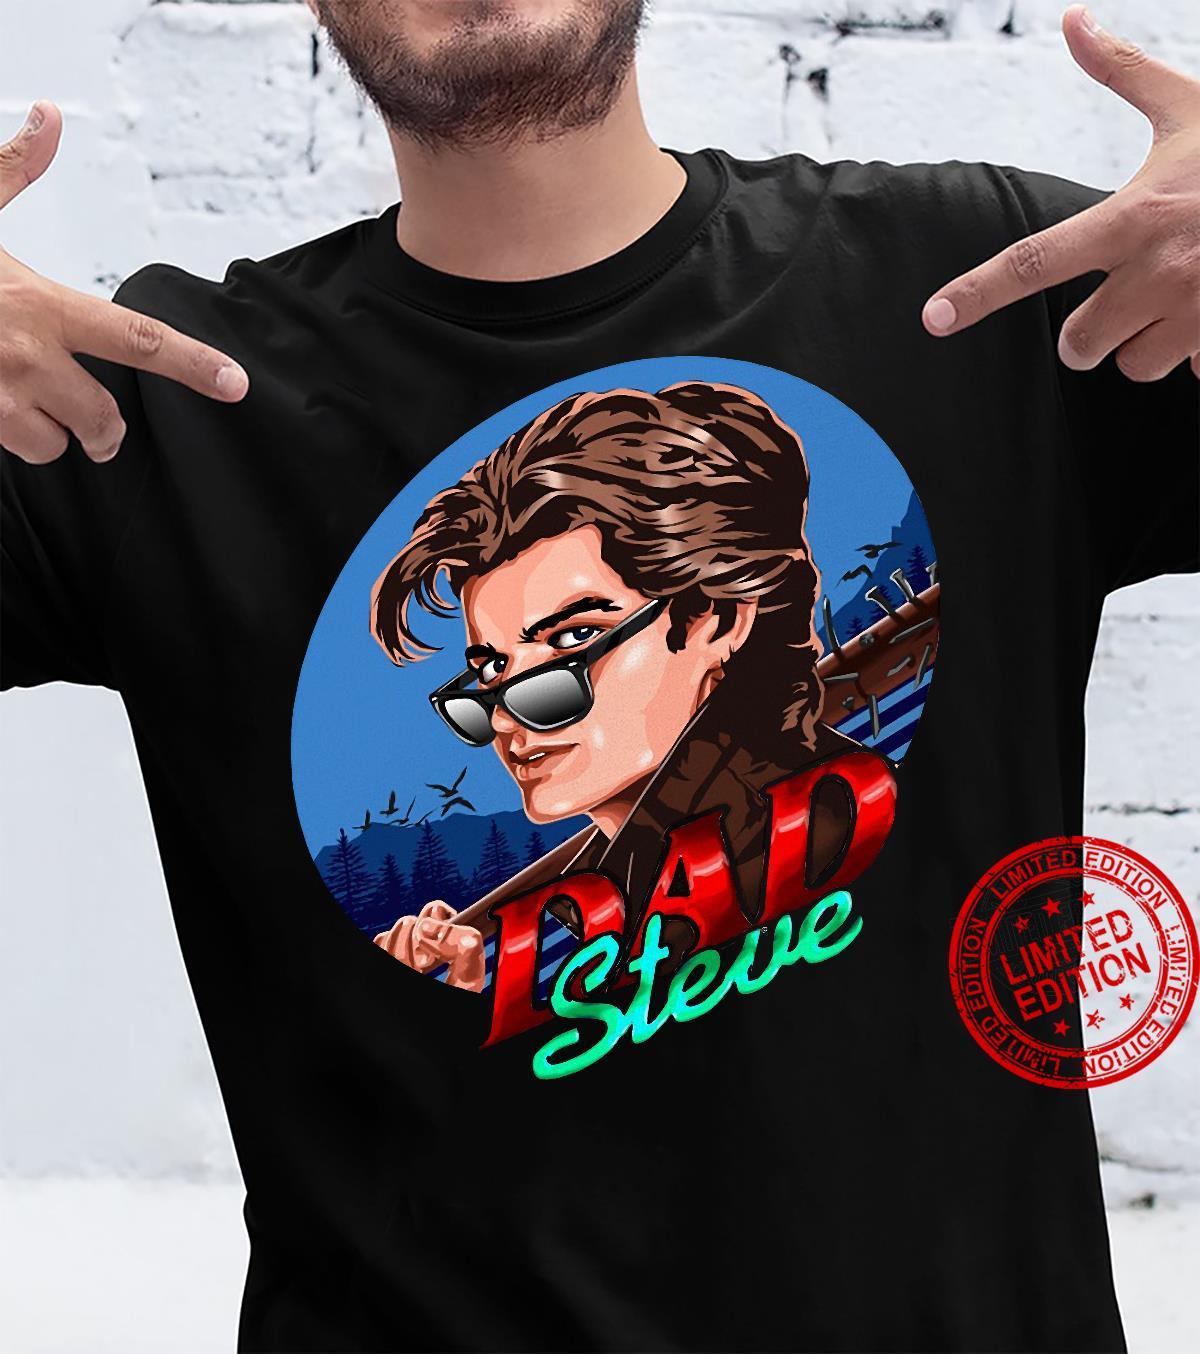 Dad Steve Stranger Things 3 shirt